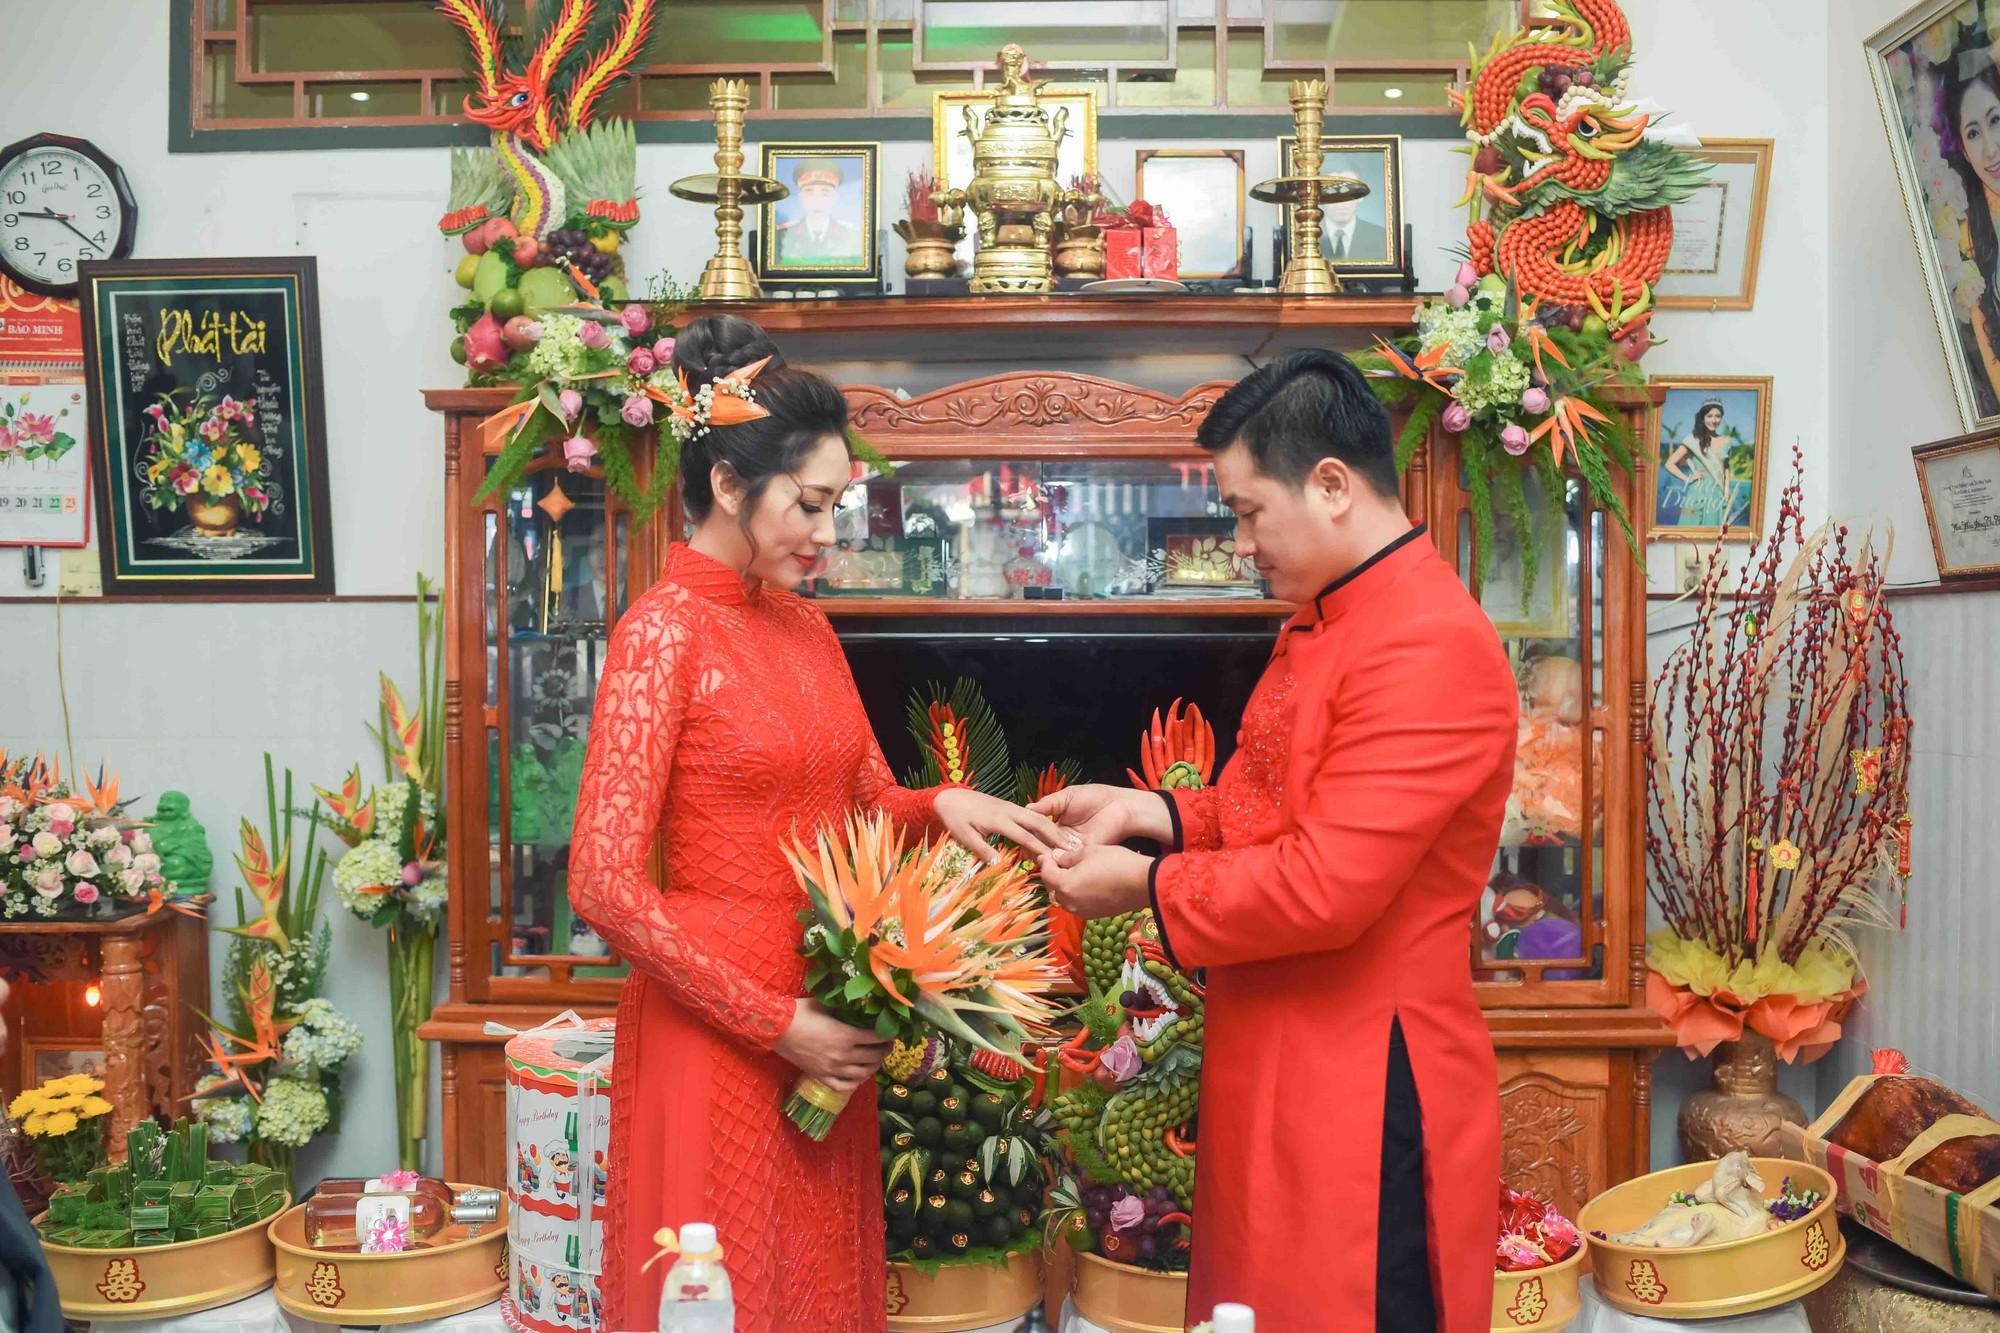 Hoa hậu trả vương miện Đặng Thu Thảo rạng rỡ bên vị hôn phu trong lễ đính hôn tại Cần Thơ - Ảnh 7.